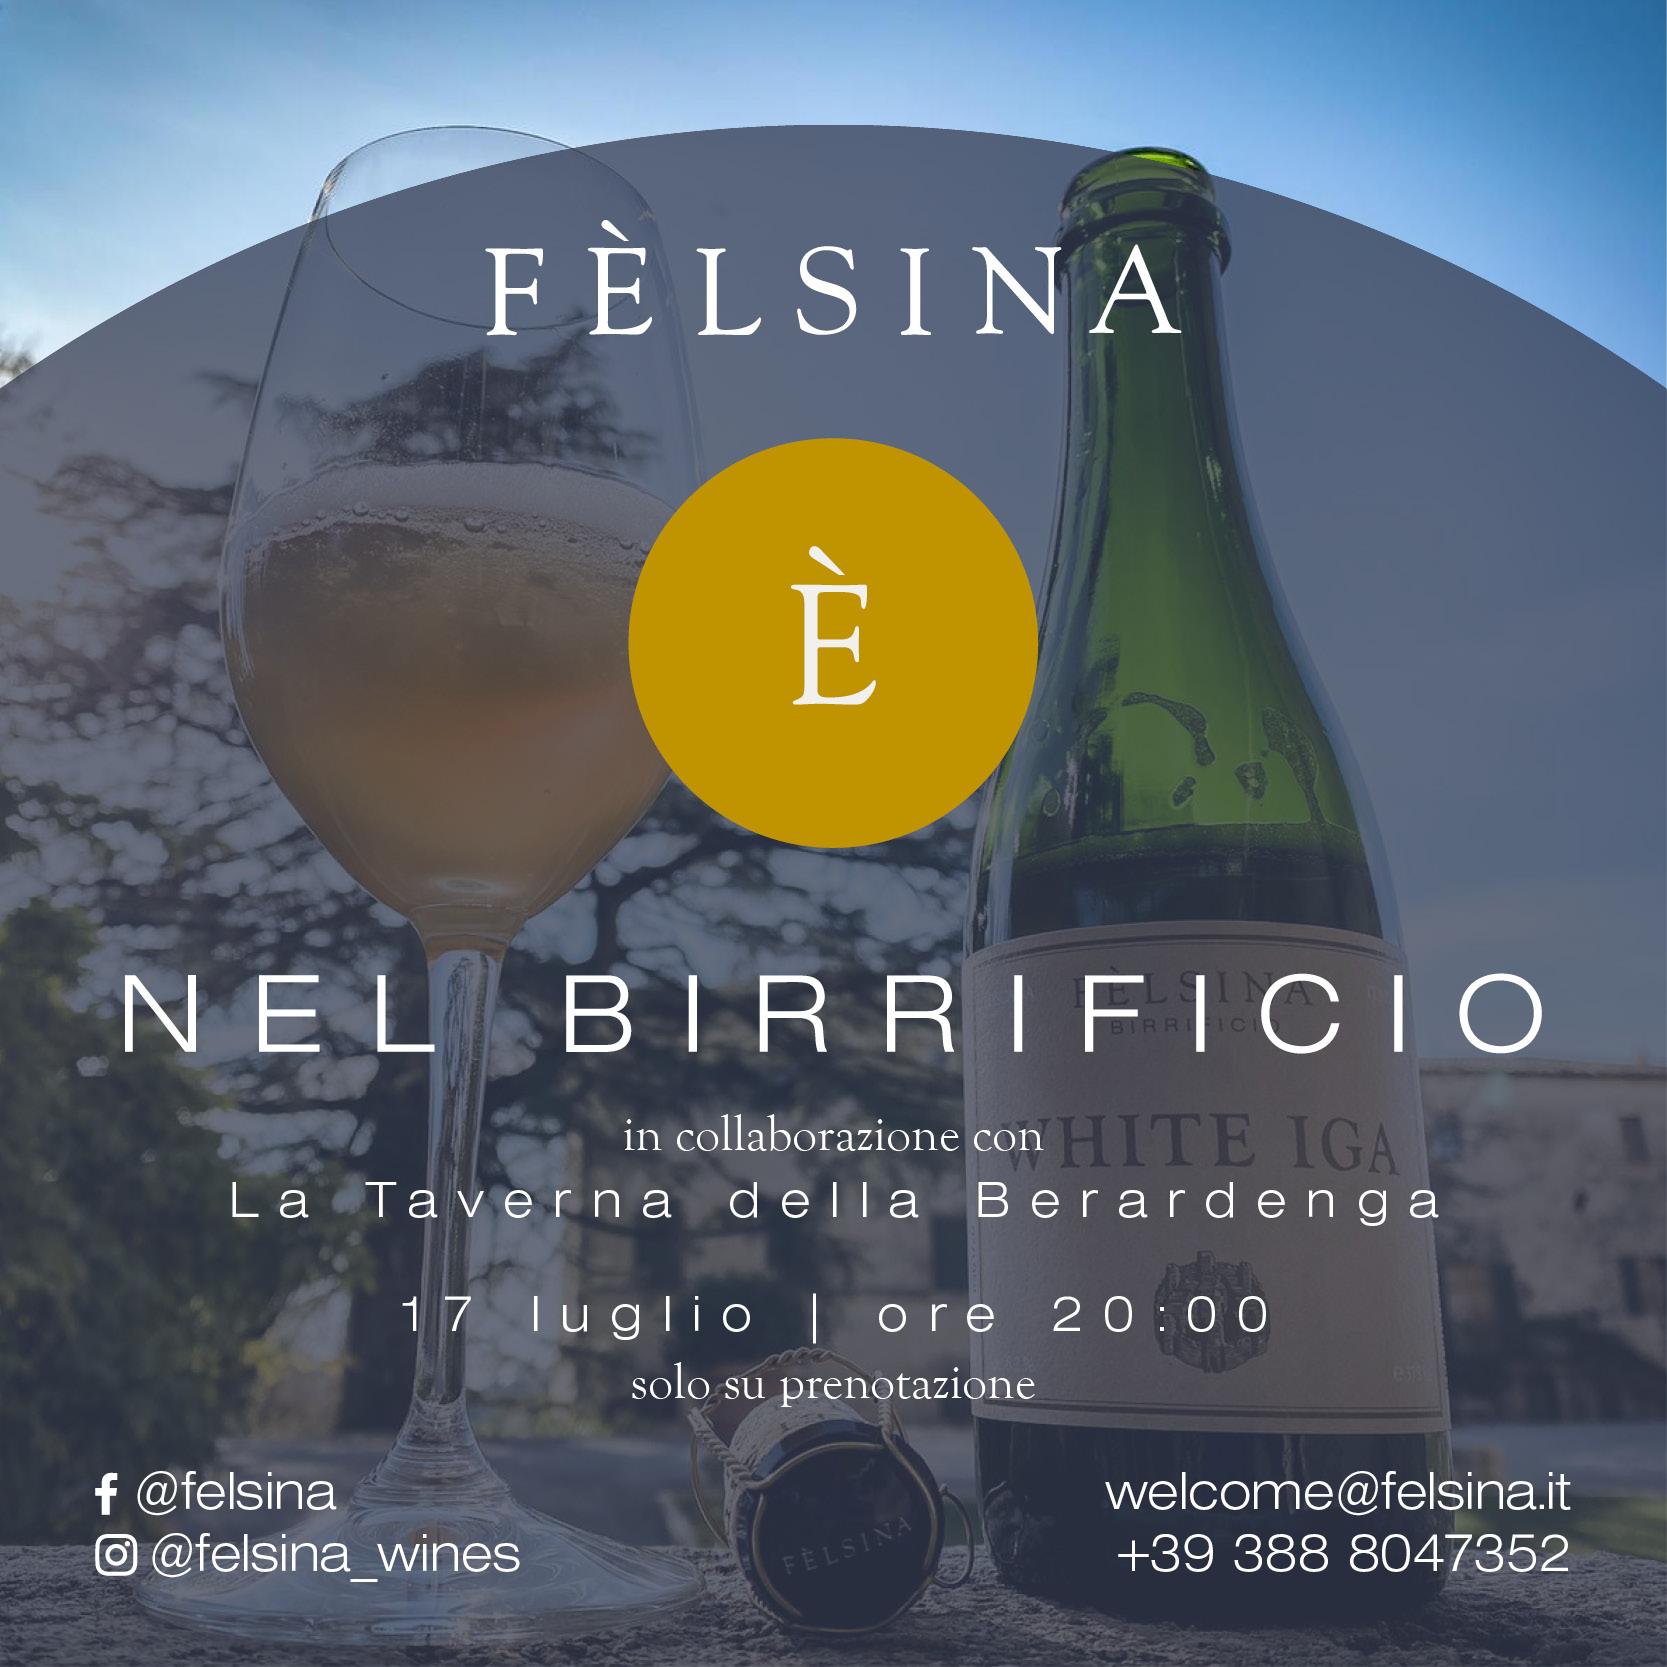 felsina_post_2021_nelbirrificio2